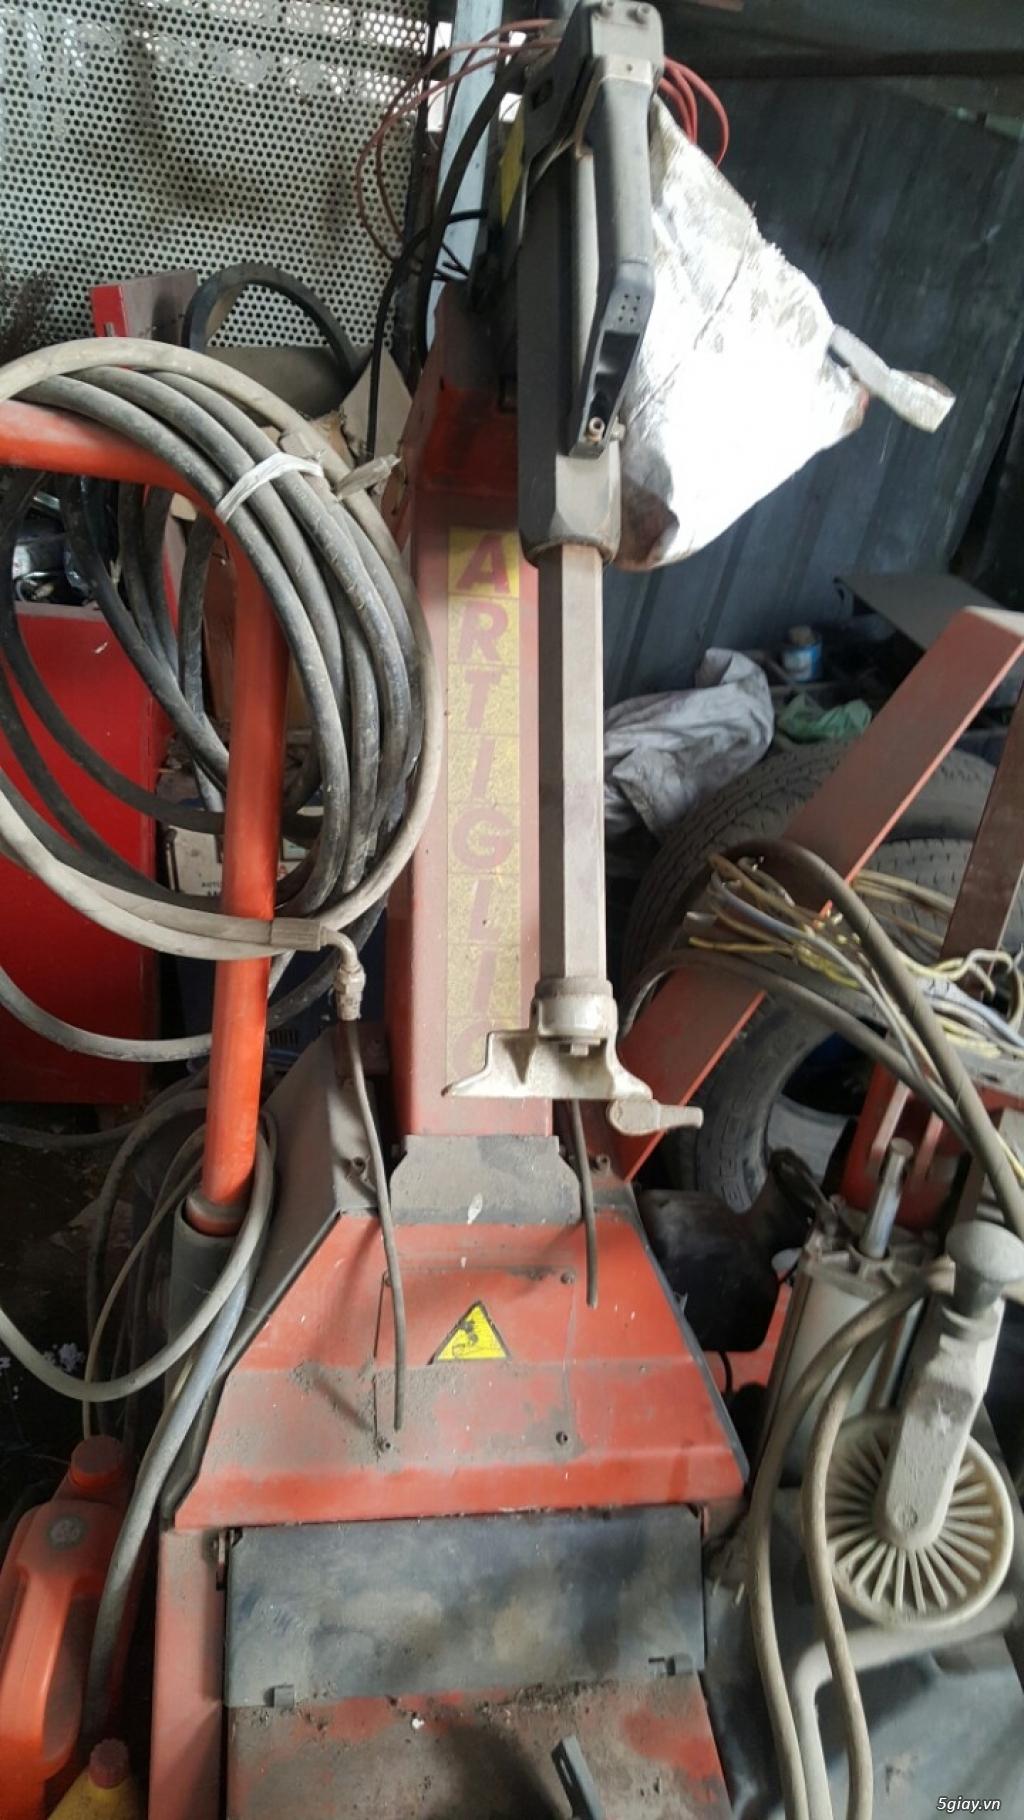 cần bán cầu nâng cũ 2 trụ thiết bi rửa xe - 9